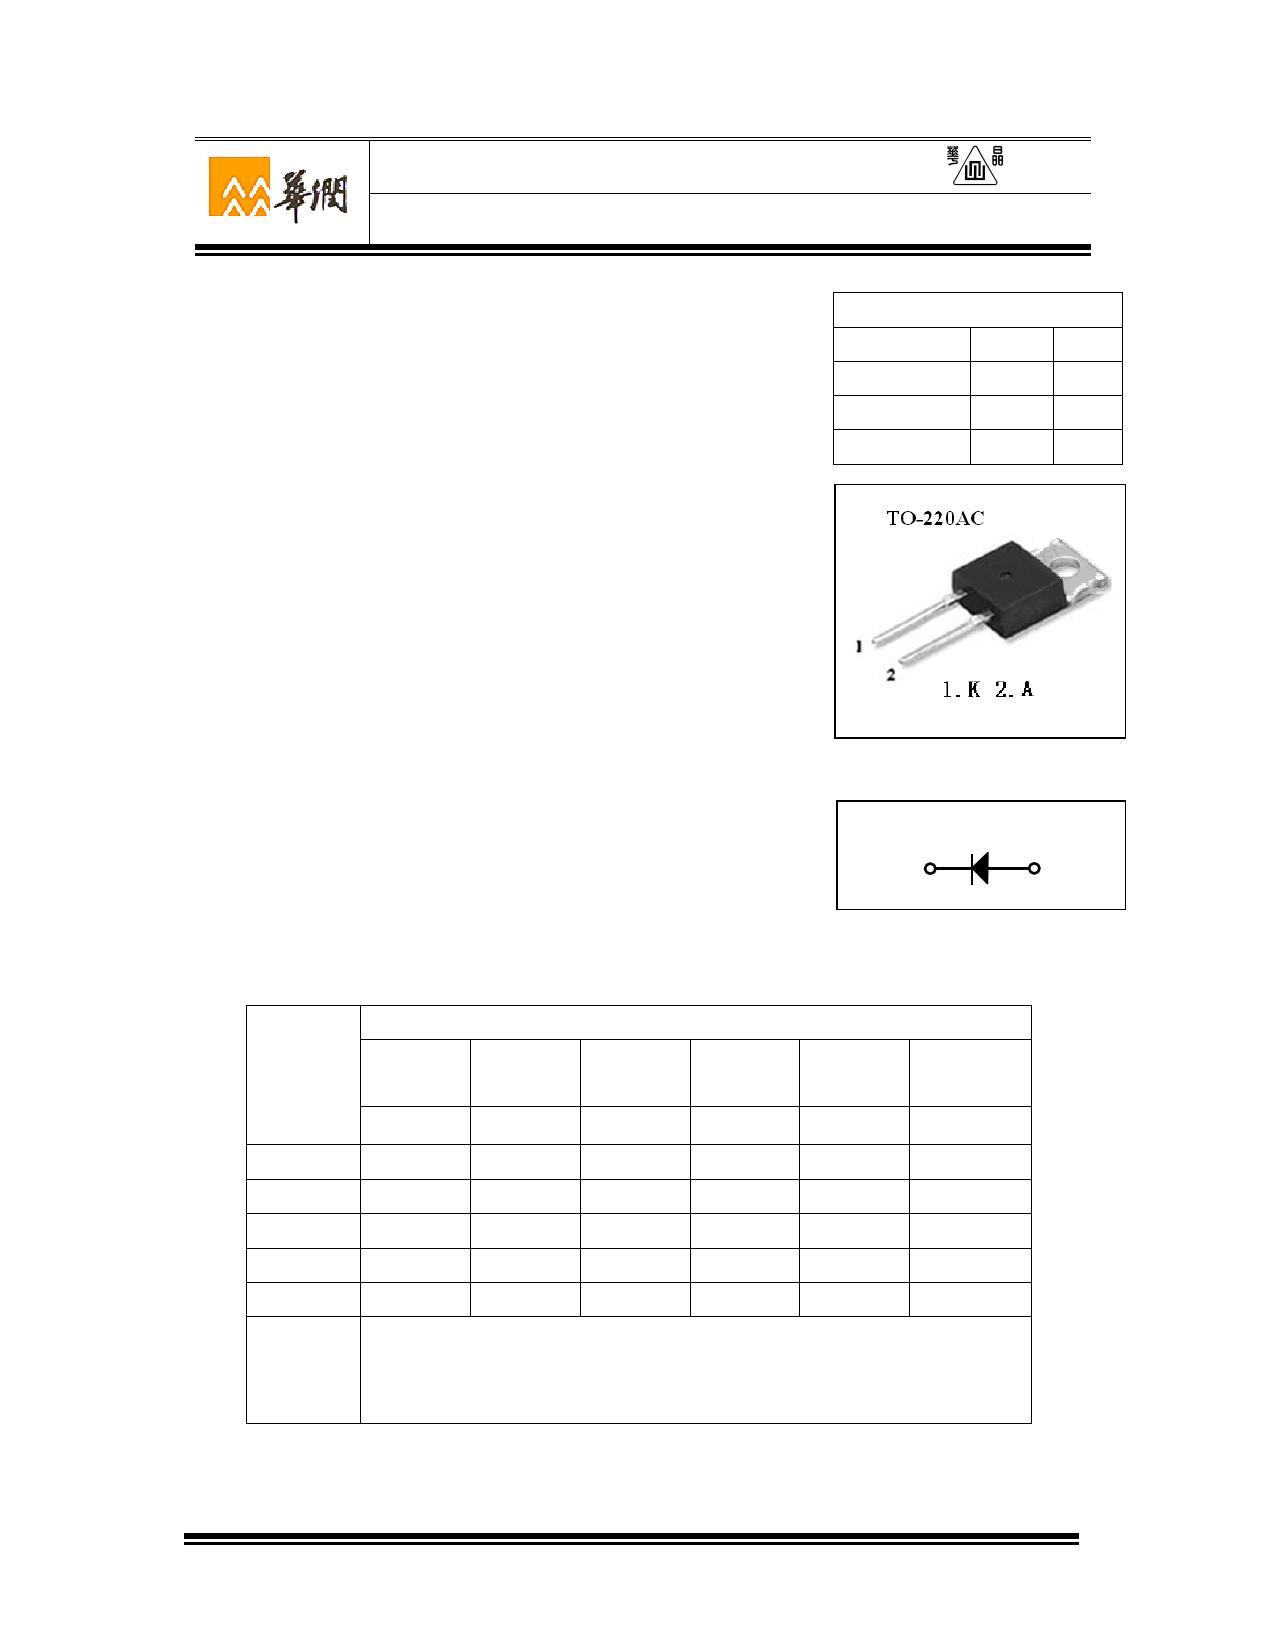 2CR104B8C Datasheet, 2CR104B8C PDF,ピン配置, 機能